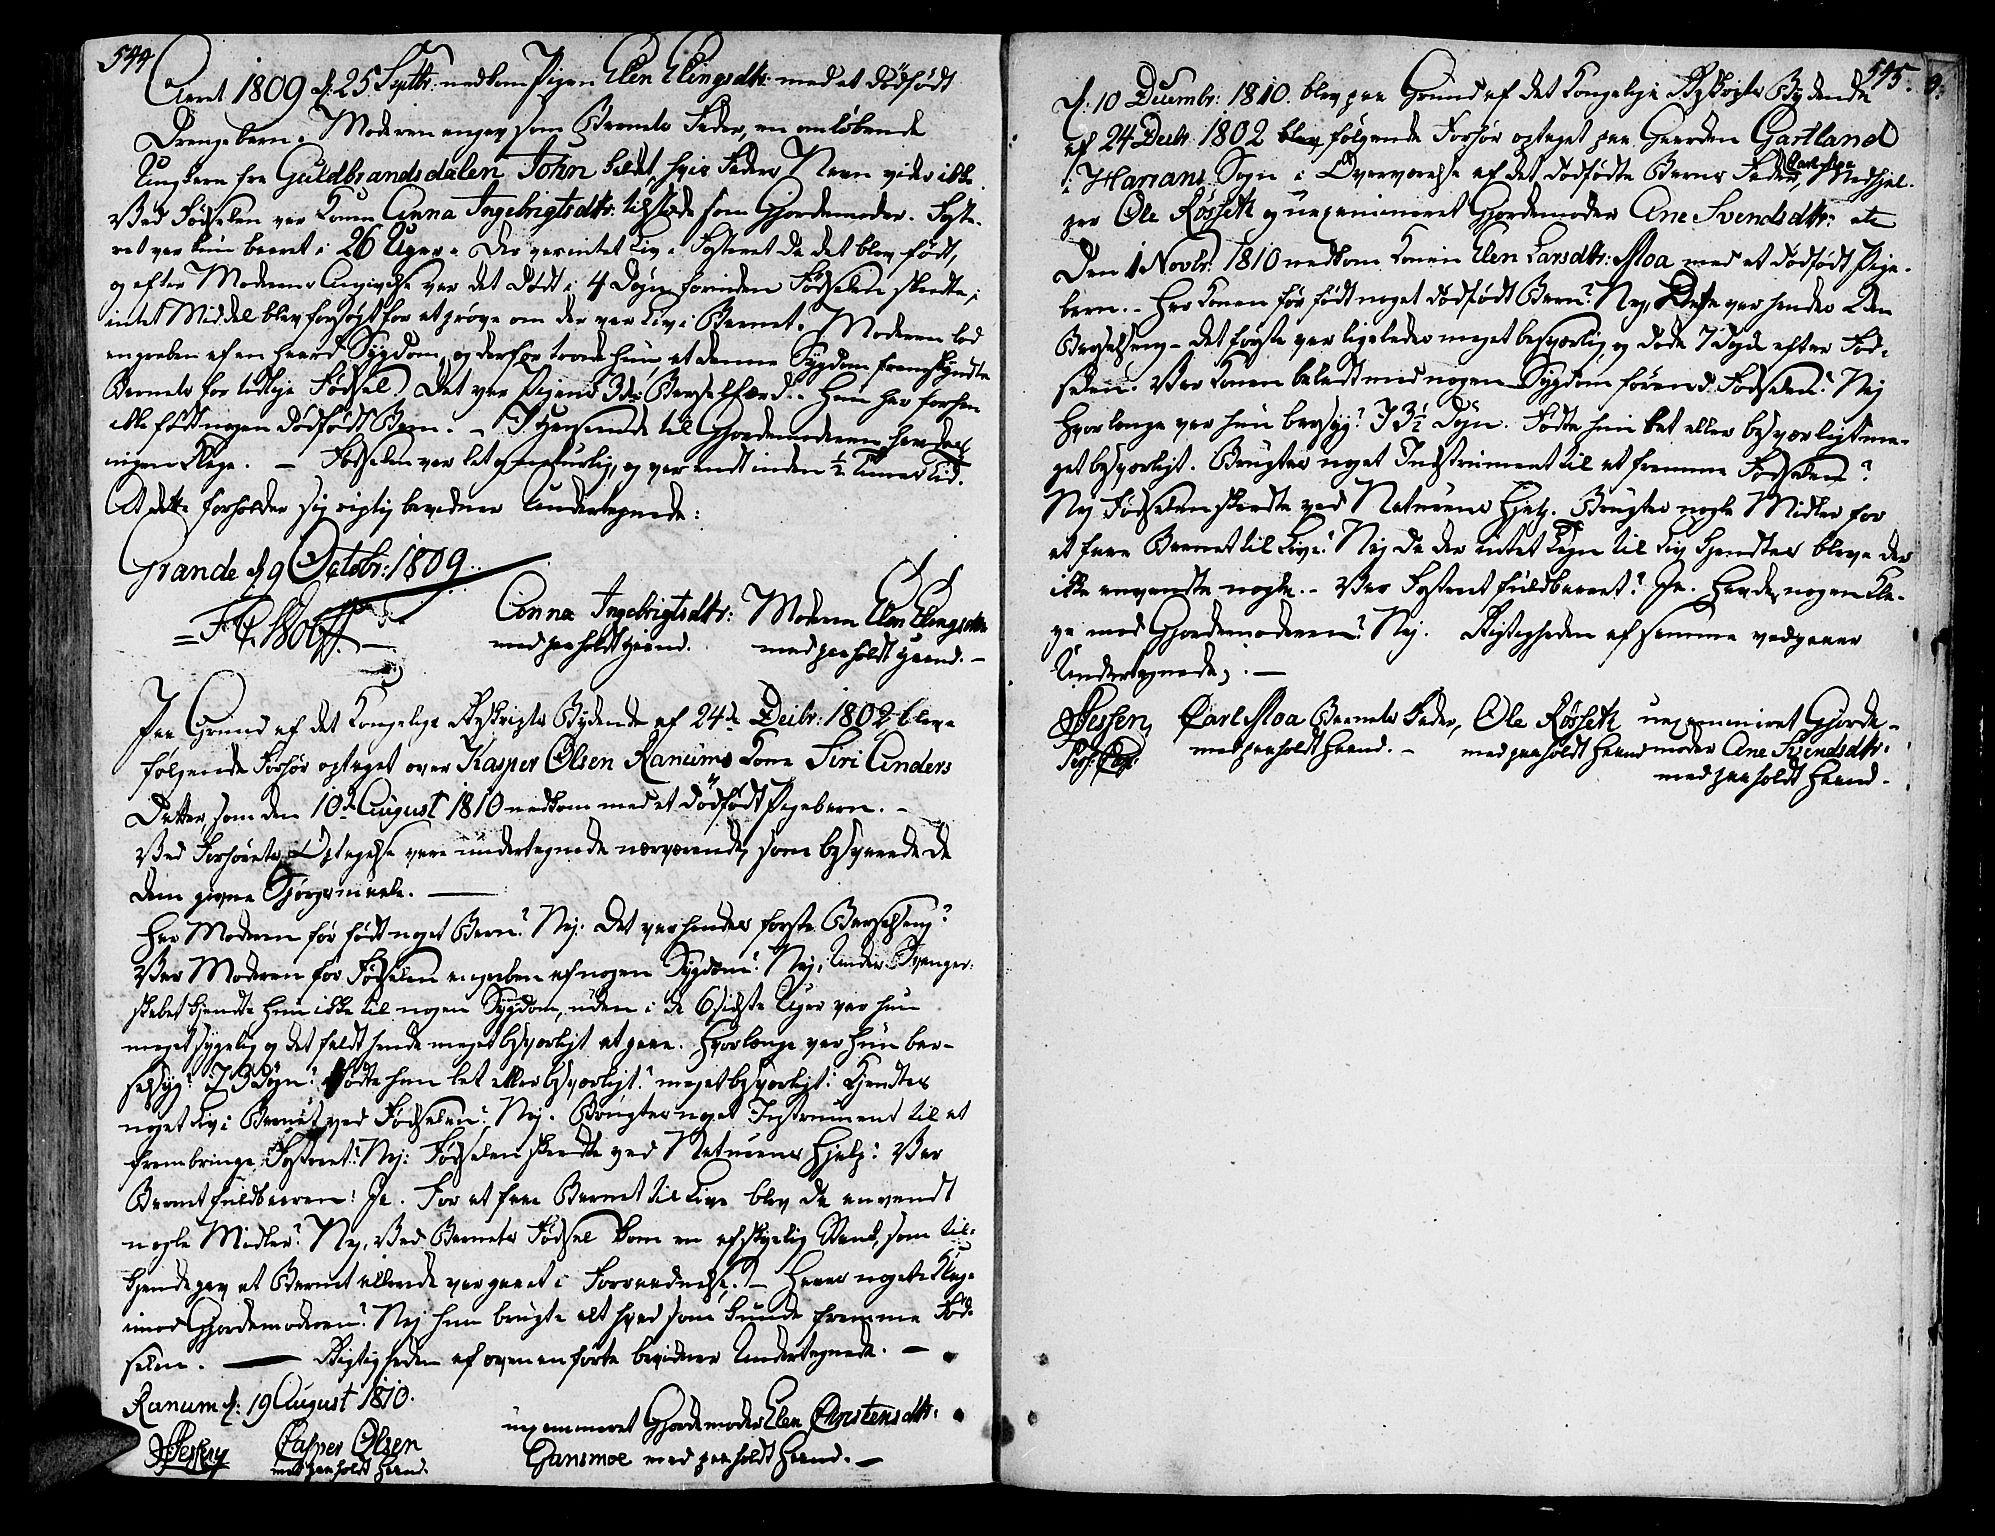 SAT, Ministerialprotokoller, klokkerbøker og fødselsregistre - Nord-Trøndelag, 764/L0545: Ministerialbok nr. 764A05, 1799-1816, s. 544-545